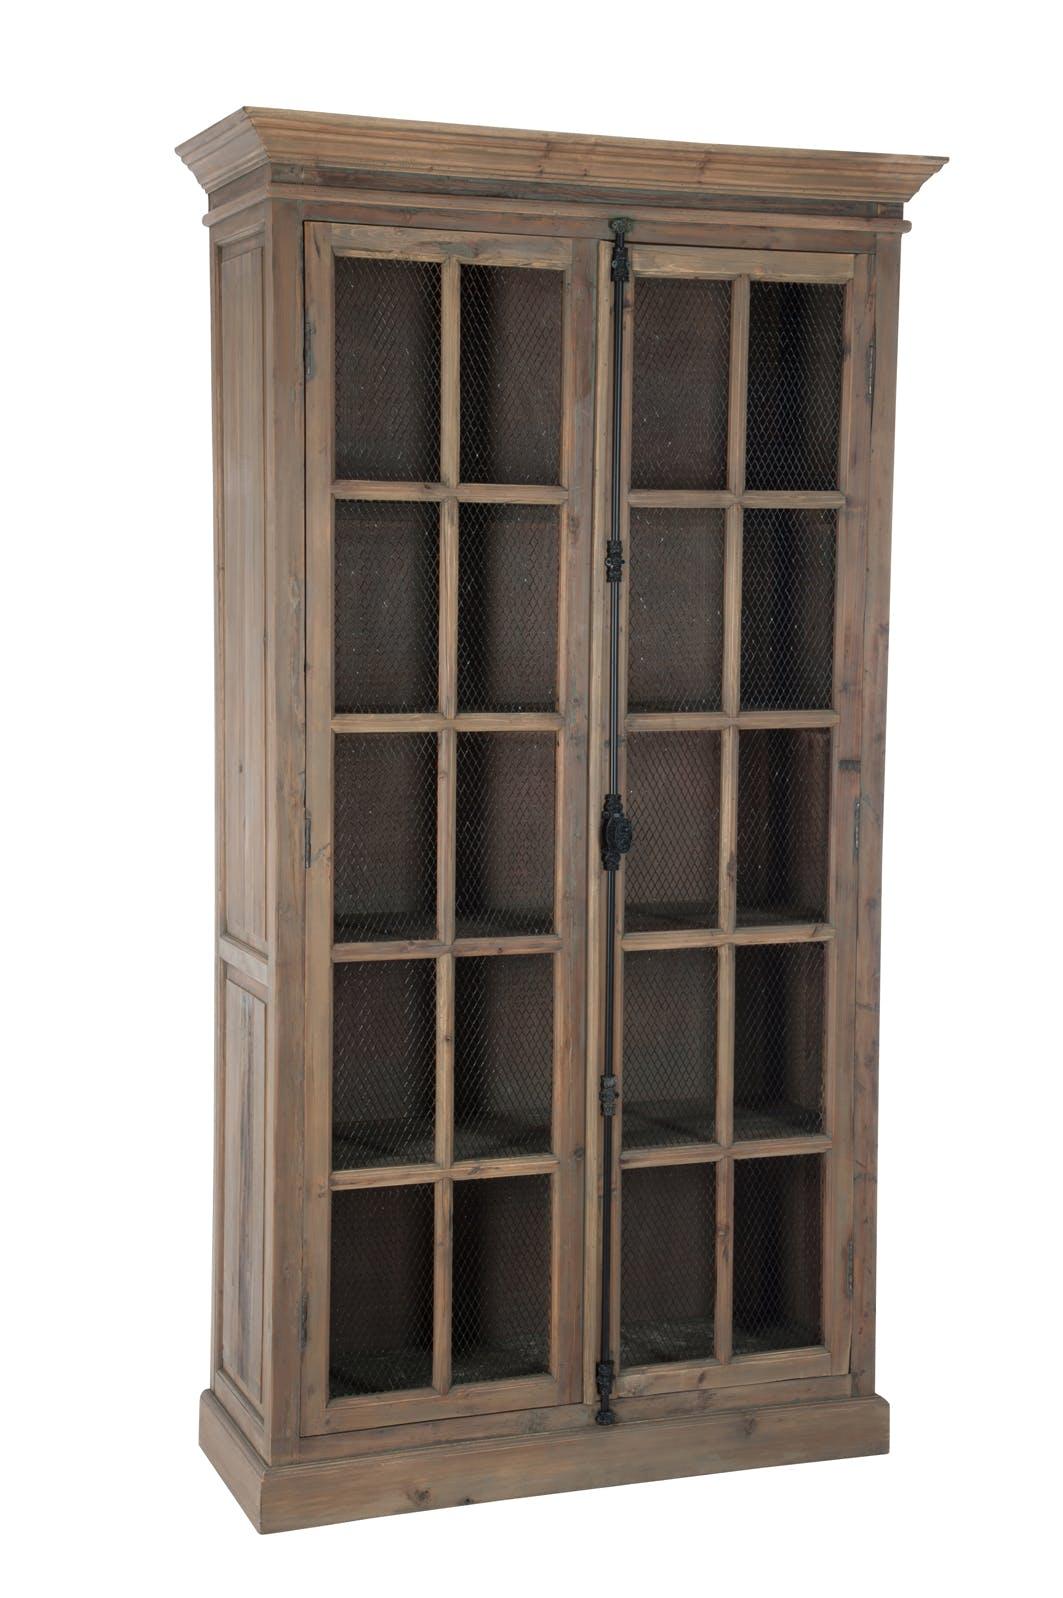 Vaisselier 5 niveaux bois naturel 110x45x195cm FOREST